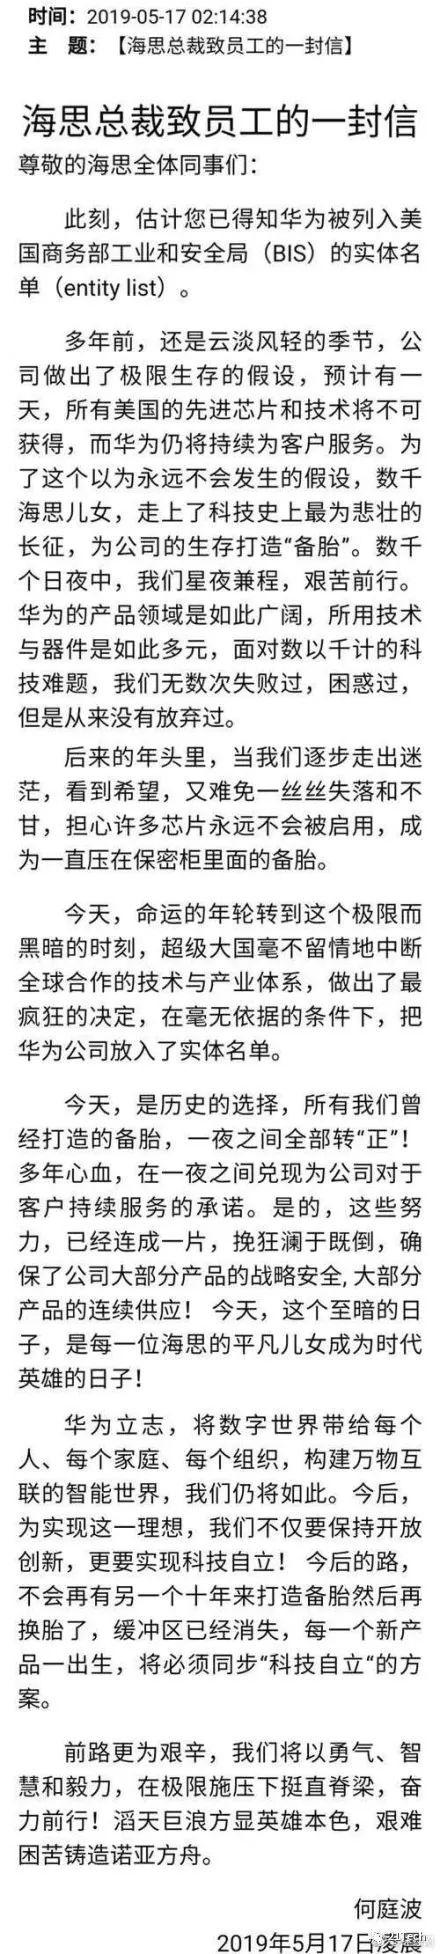 华为海思总裁凌晨致信员工写了什么 为何网友热心沸腾?